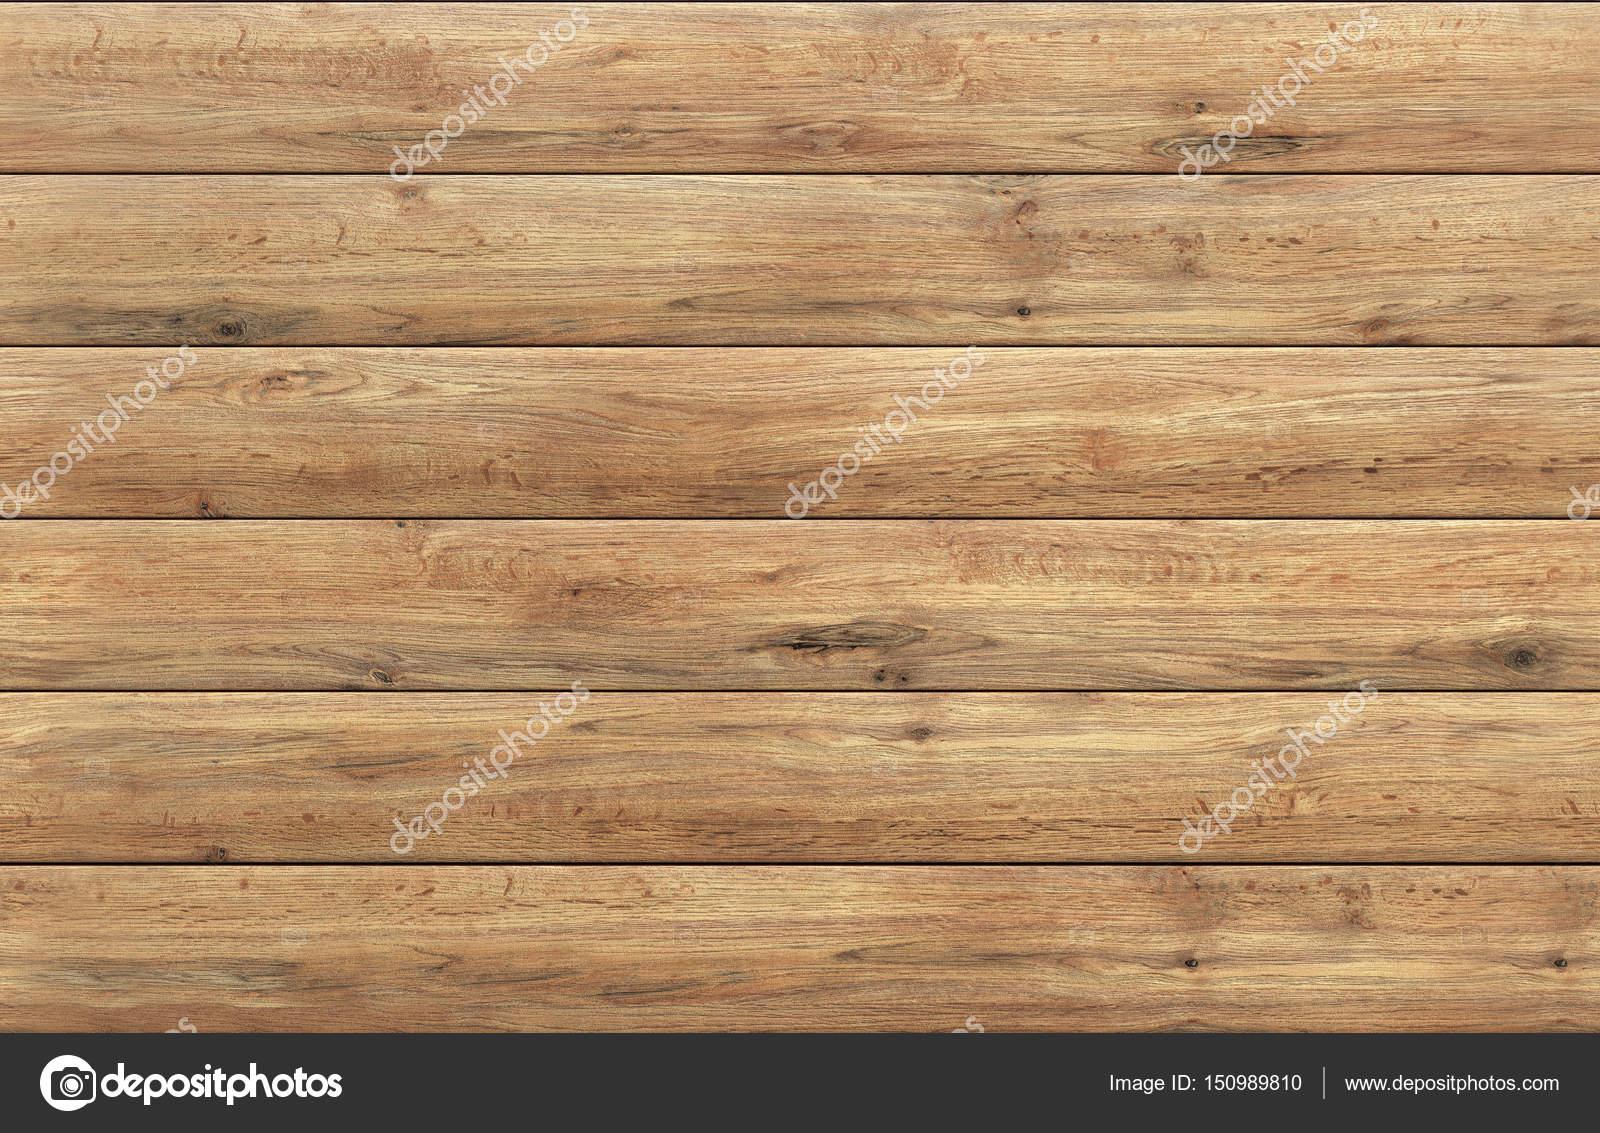 Piastrelle texture bordo di legno 3d render u2014 foto stock © nosorogua